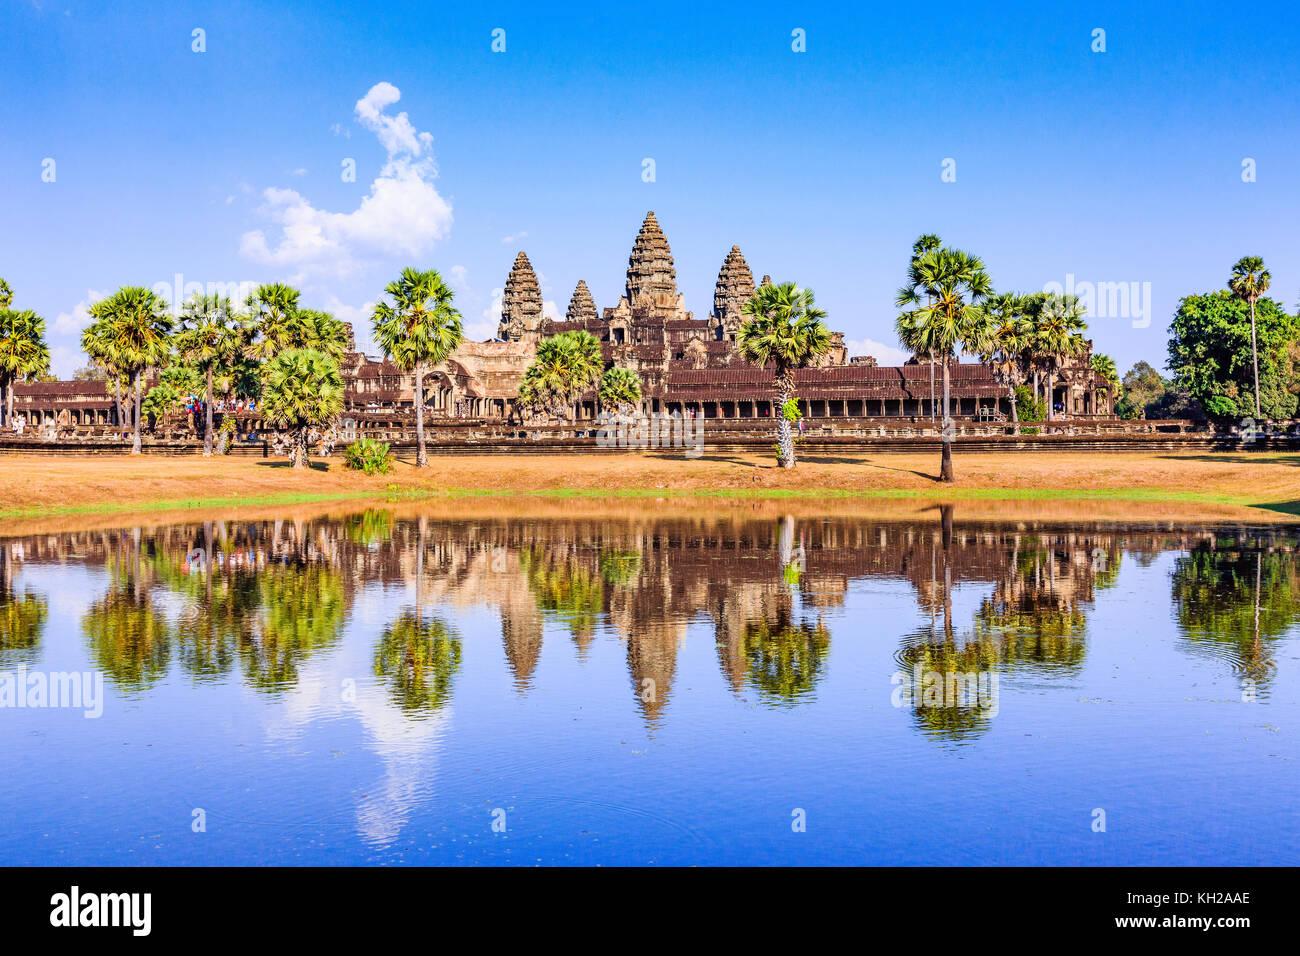 Angkor Wat, Camboya. Vista desde el otro lado del lago. Imagen De Stock